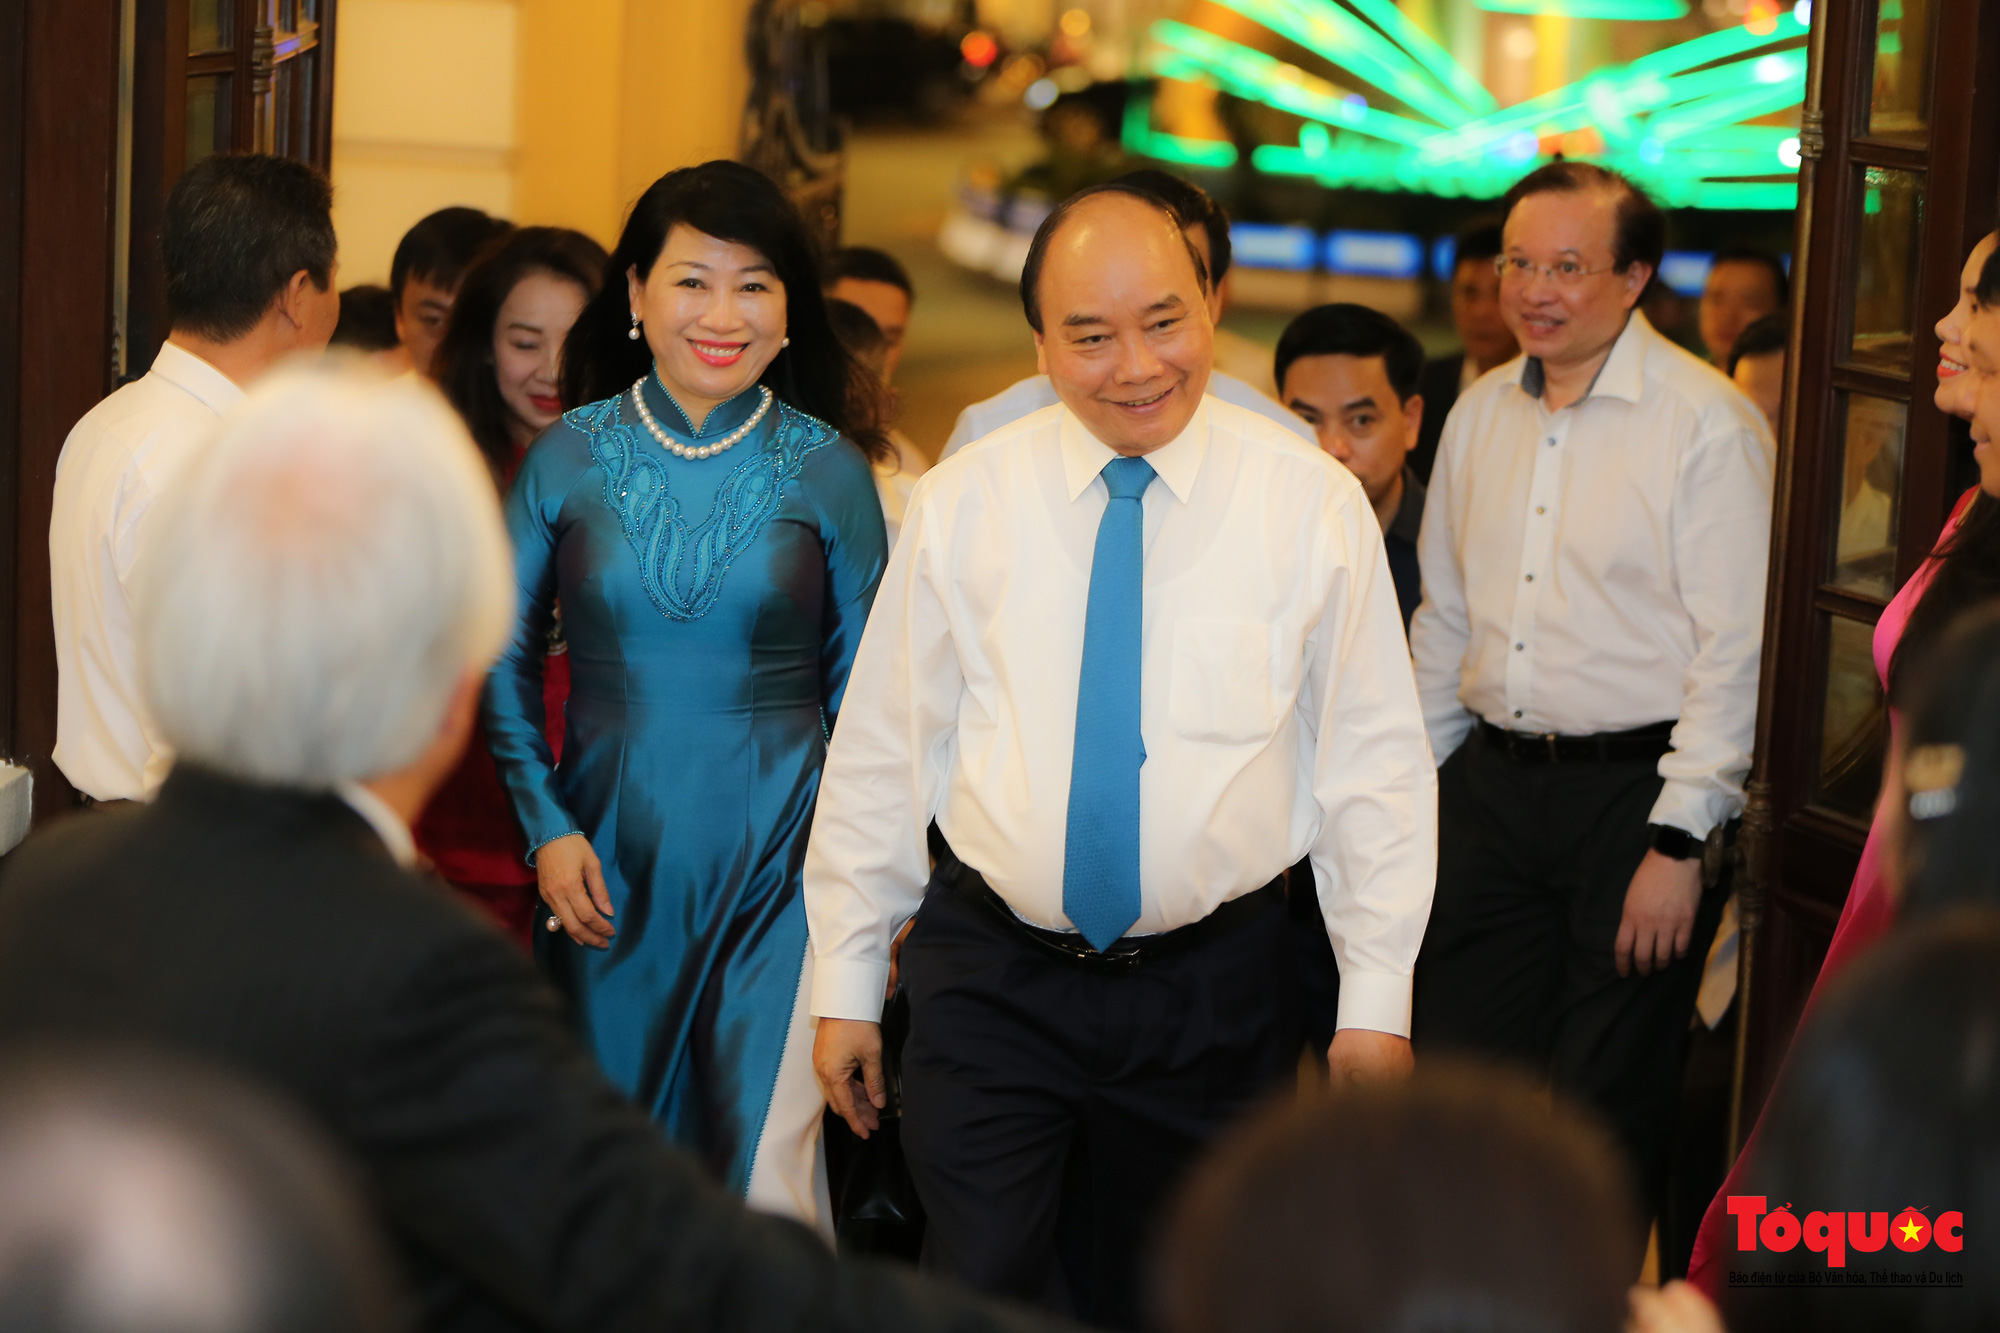 Nhiều cung bậc cảm xúc trong đêm nhạc 'Biển nhớ' tưởng nhớ cố nhạc sĩ Trịnh Công Sơn - Ảnh 2.